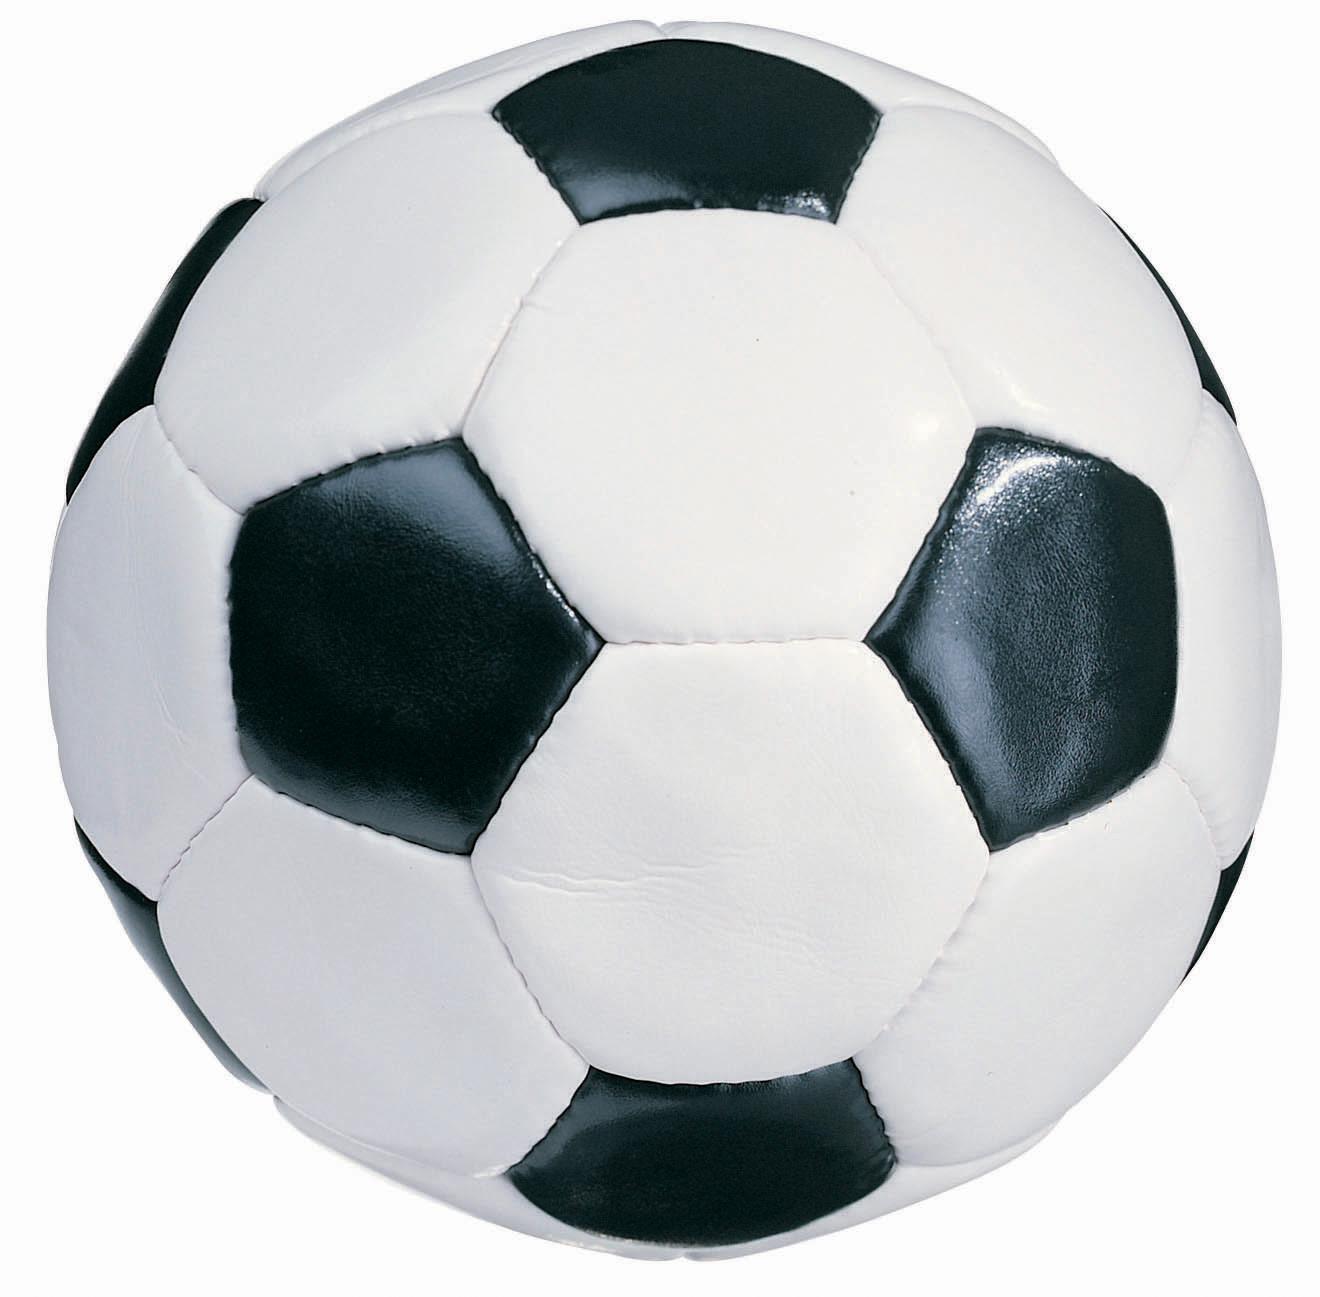 Можно ли брать в руки мяч от